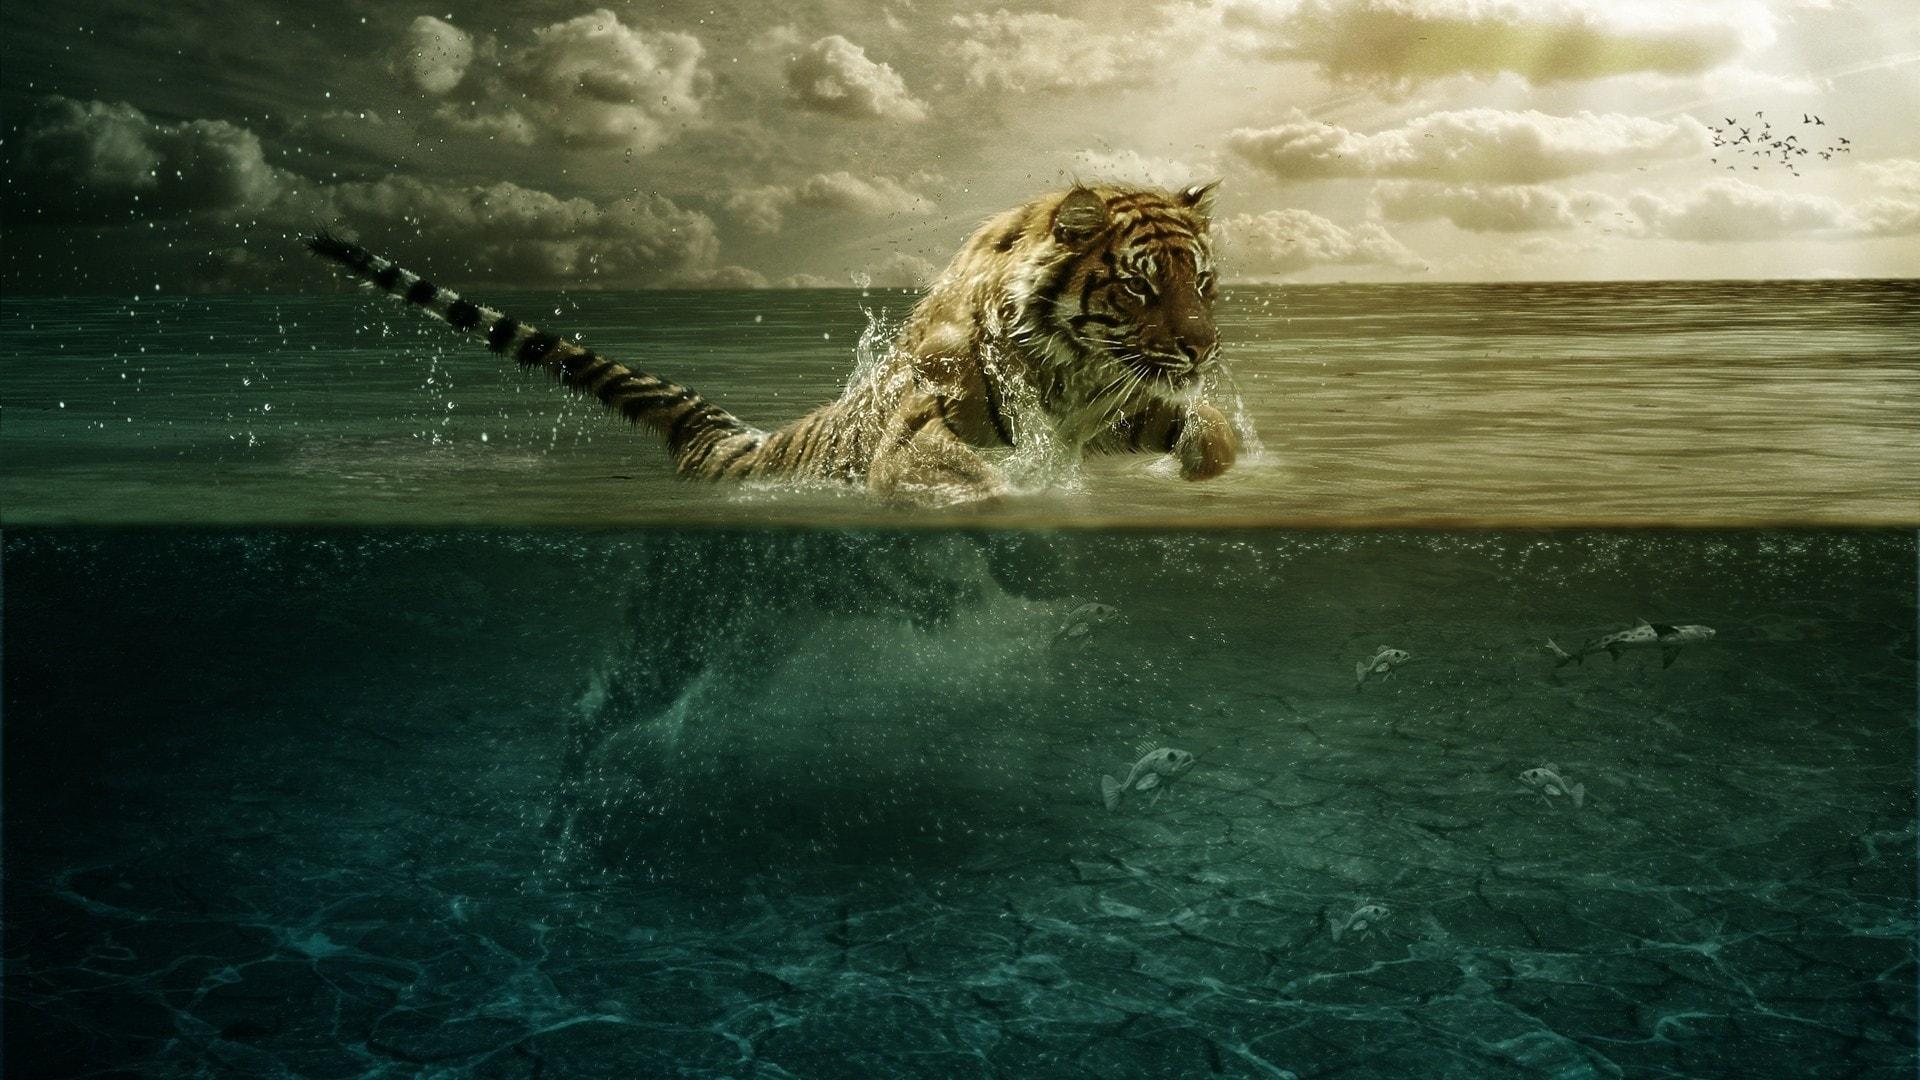 Tiger HD pics